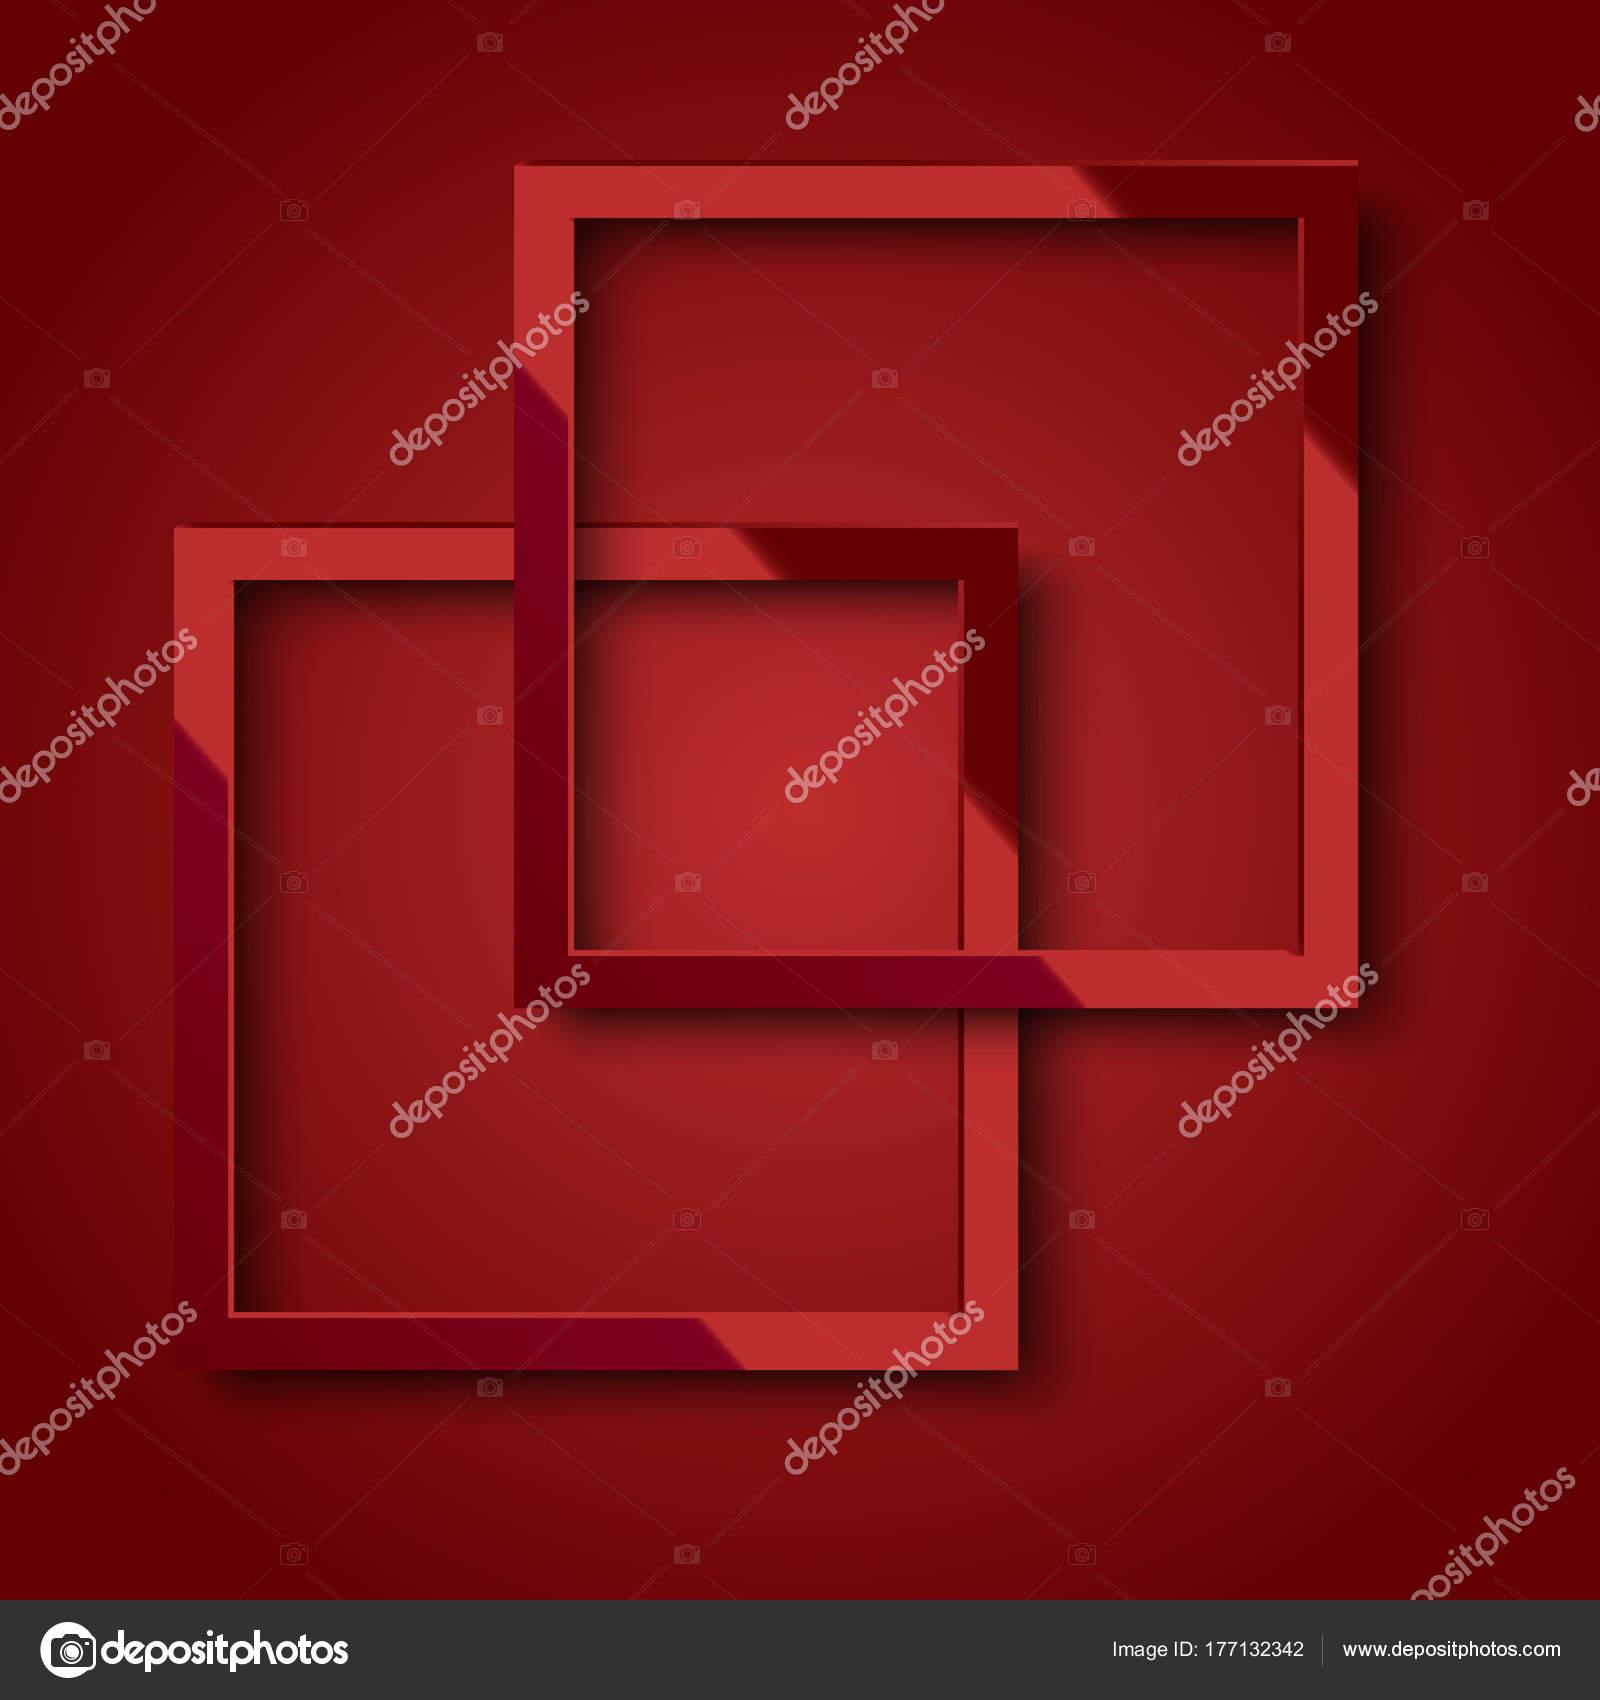 Realistische rotes Quadrat Rahmen für Ihr Design oder Plakat. Vektor ...